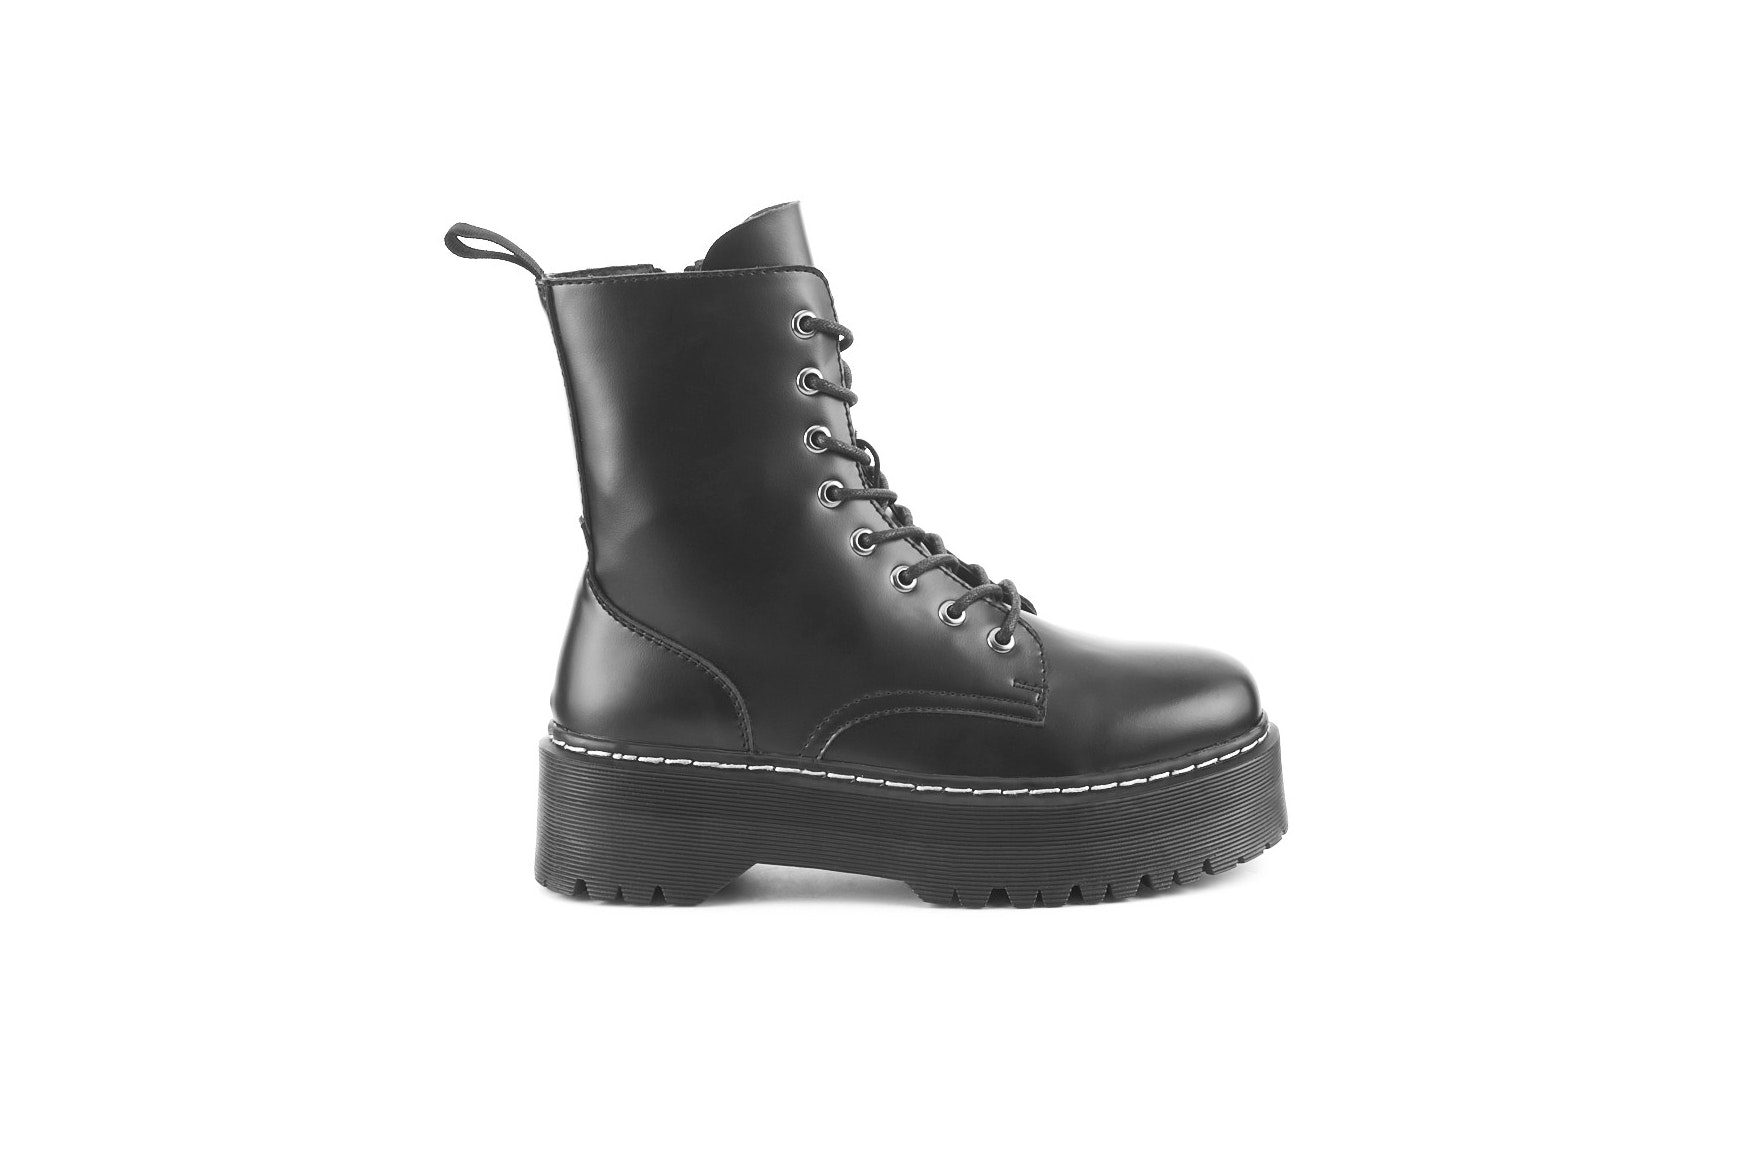 botas militares merkal calzados calzado de otoño